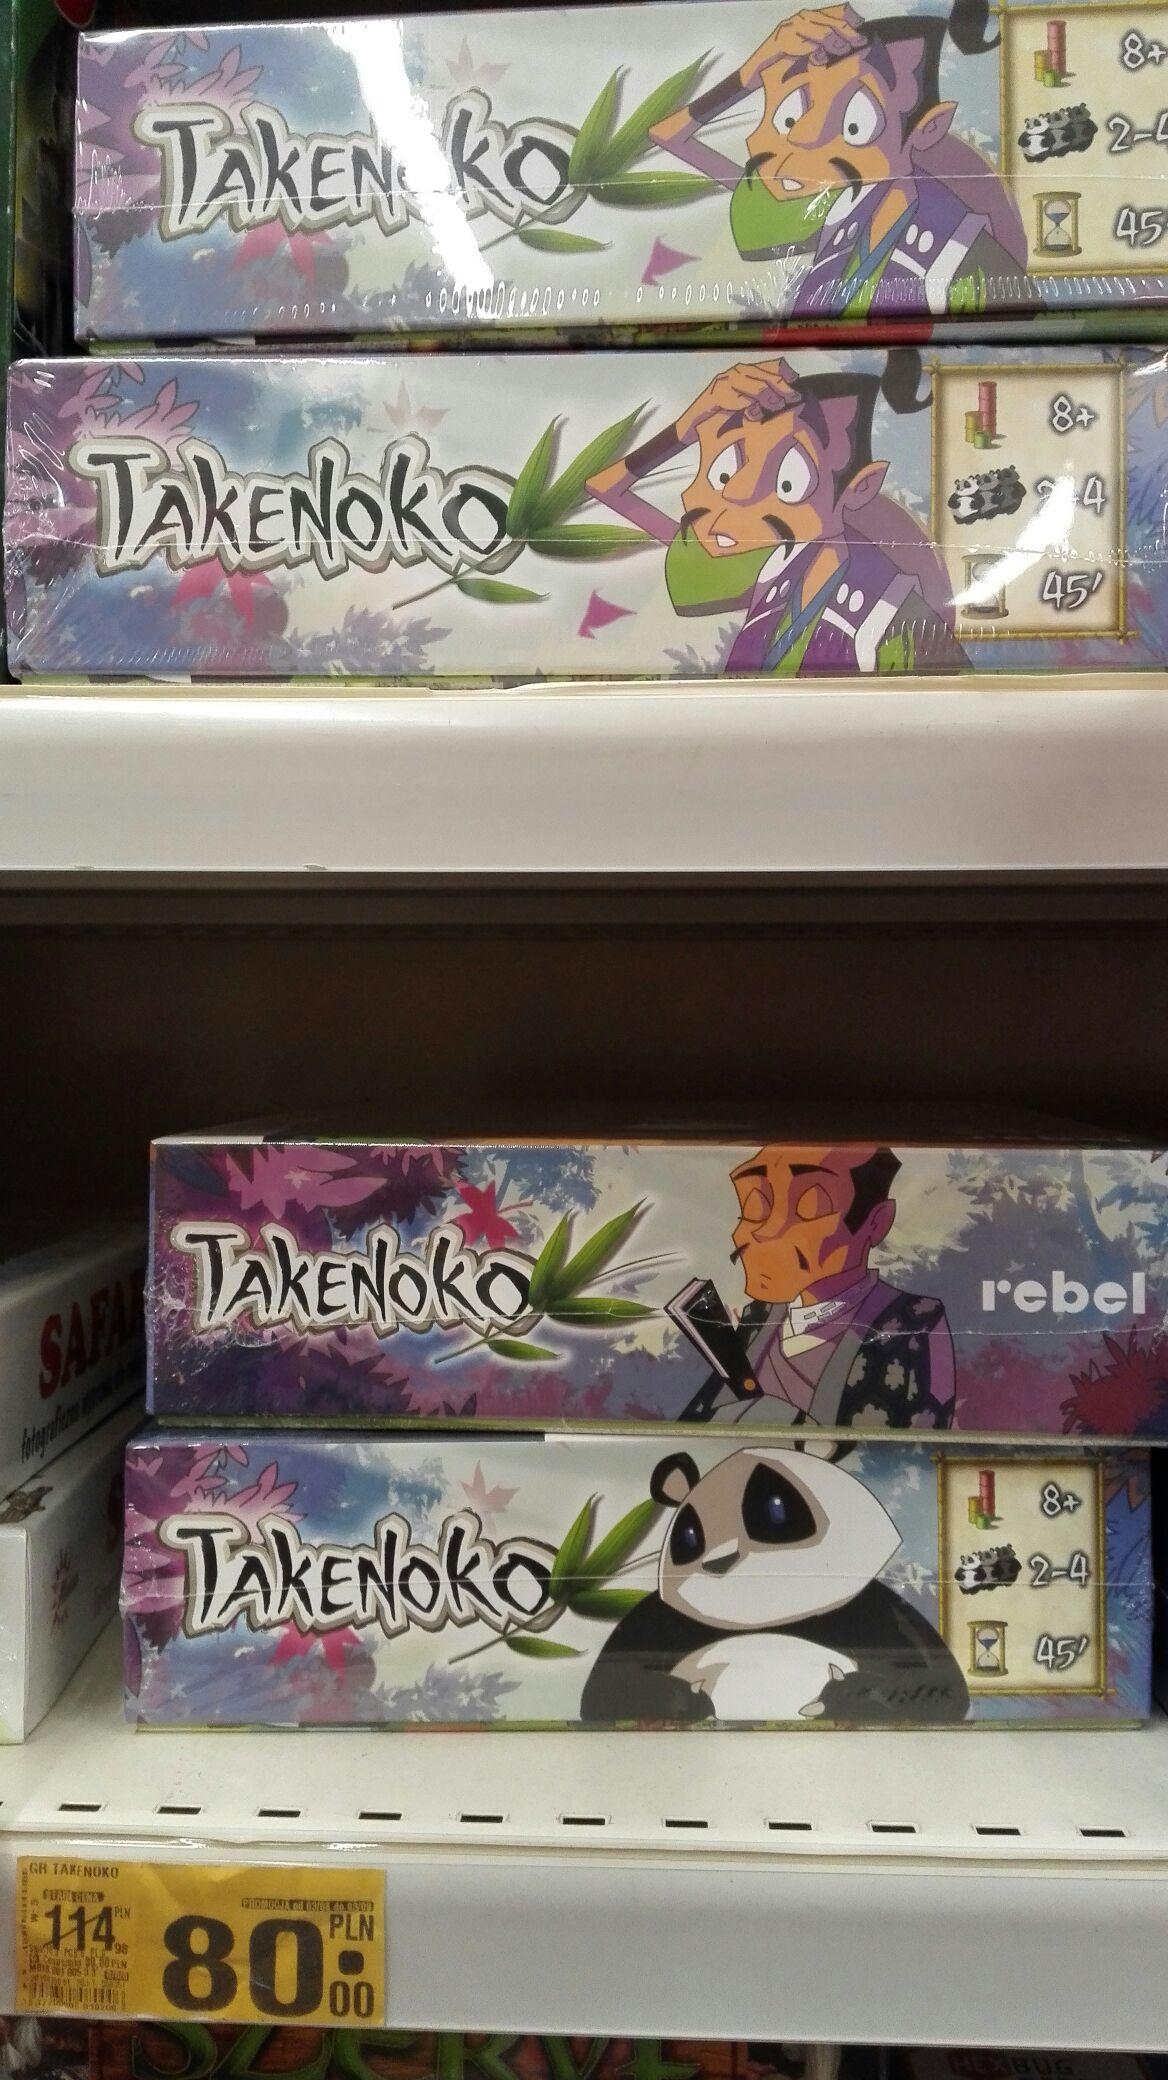 Gra planszowa Takenoko w najniższej cenie - Auchan Legnica